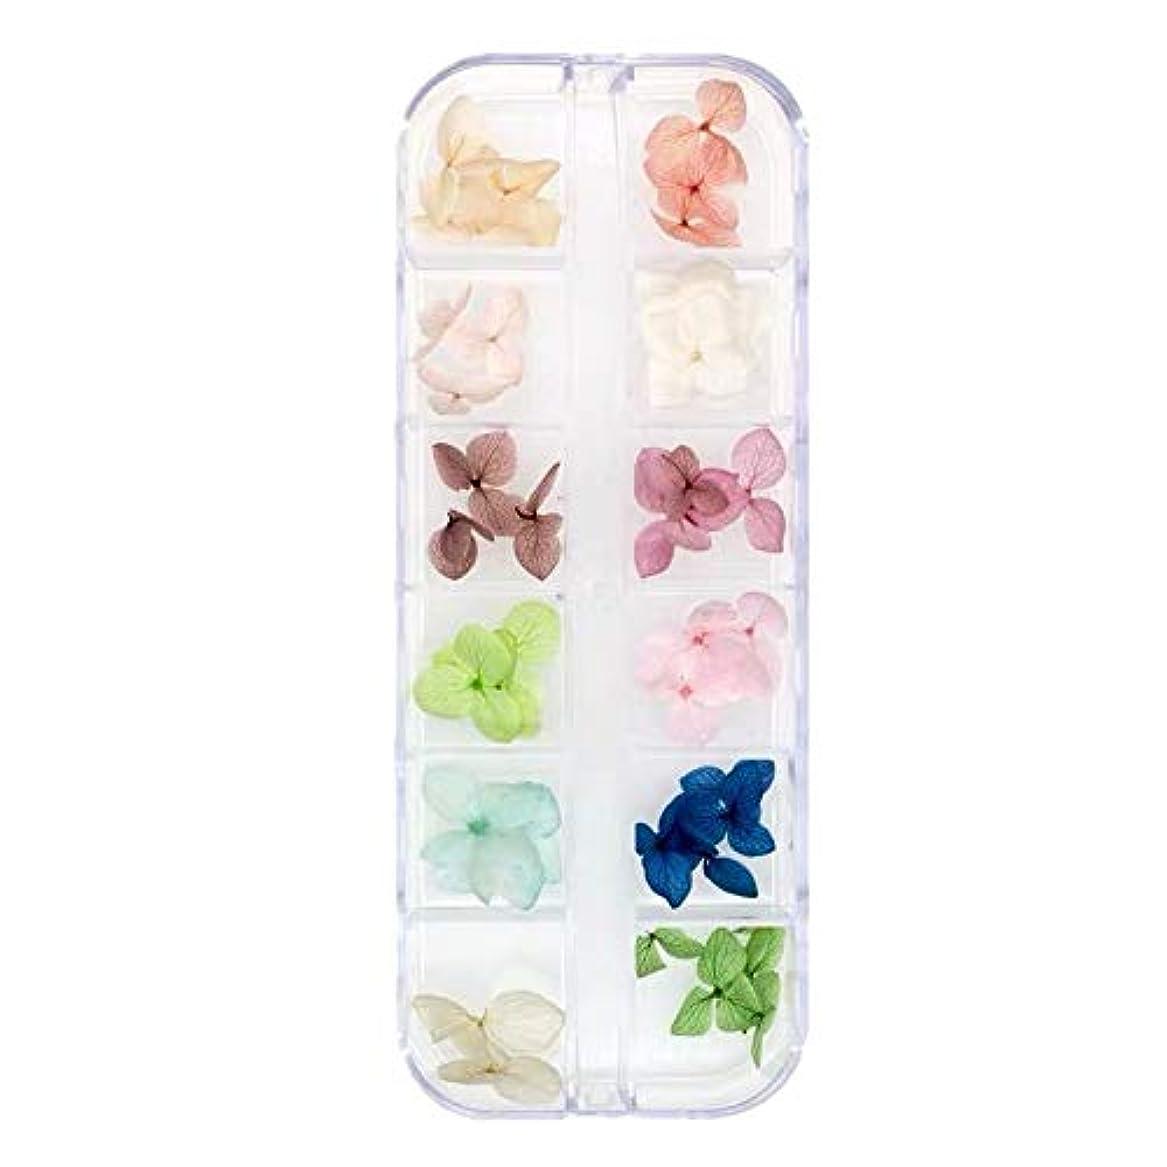 選択するタイトル純度Kingsie ドライフラワー ネイル 本物の押し花 紫陽花 ネイルパーツ 12色 ネイルアート アクセサリー ジェルネイルに埋め込み レジン封入 (2A)